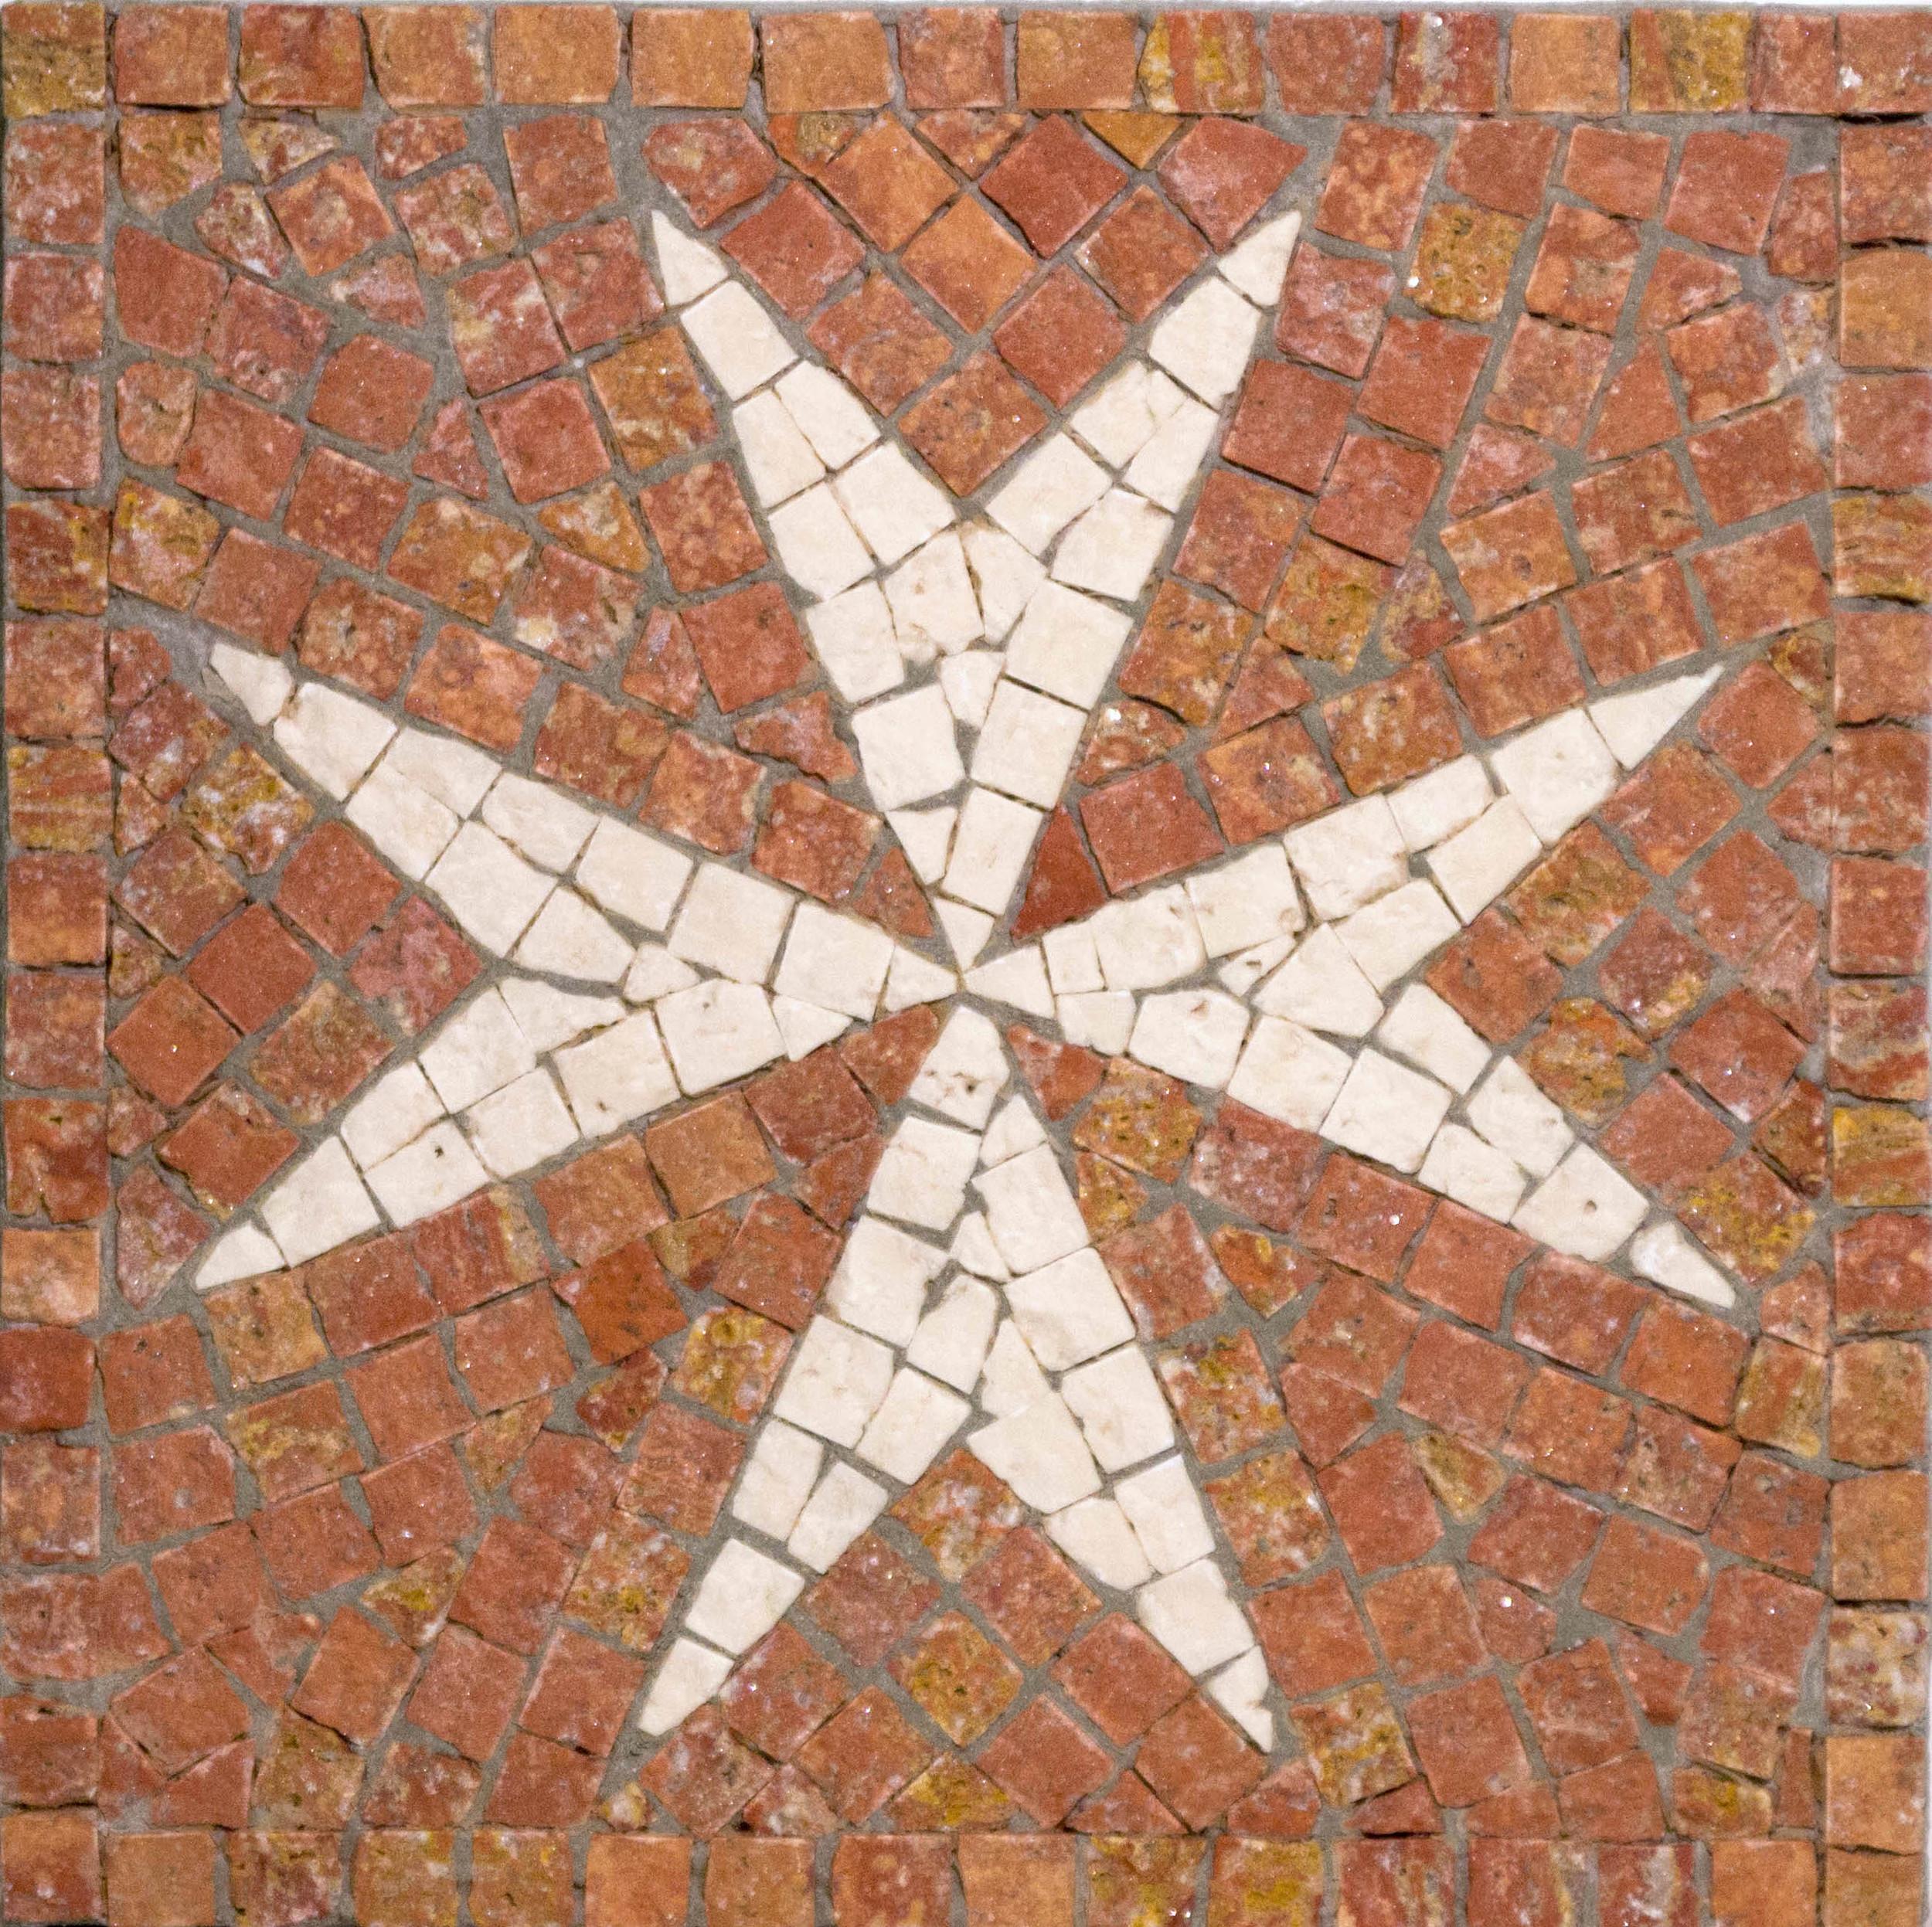 mosaic-38.jpg